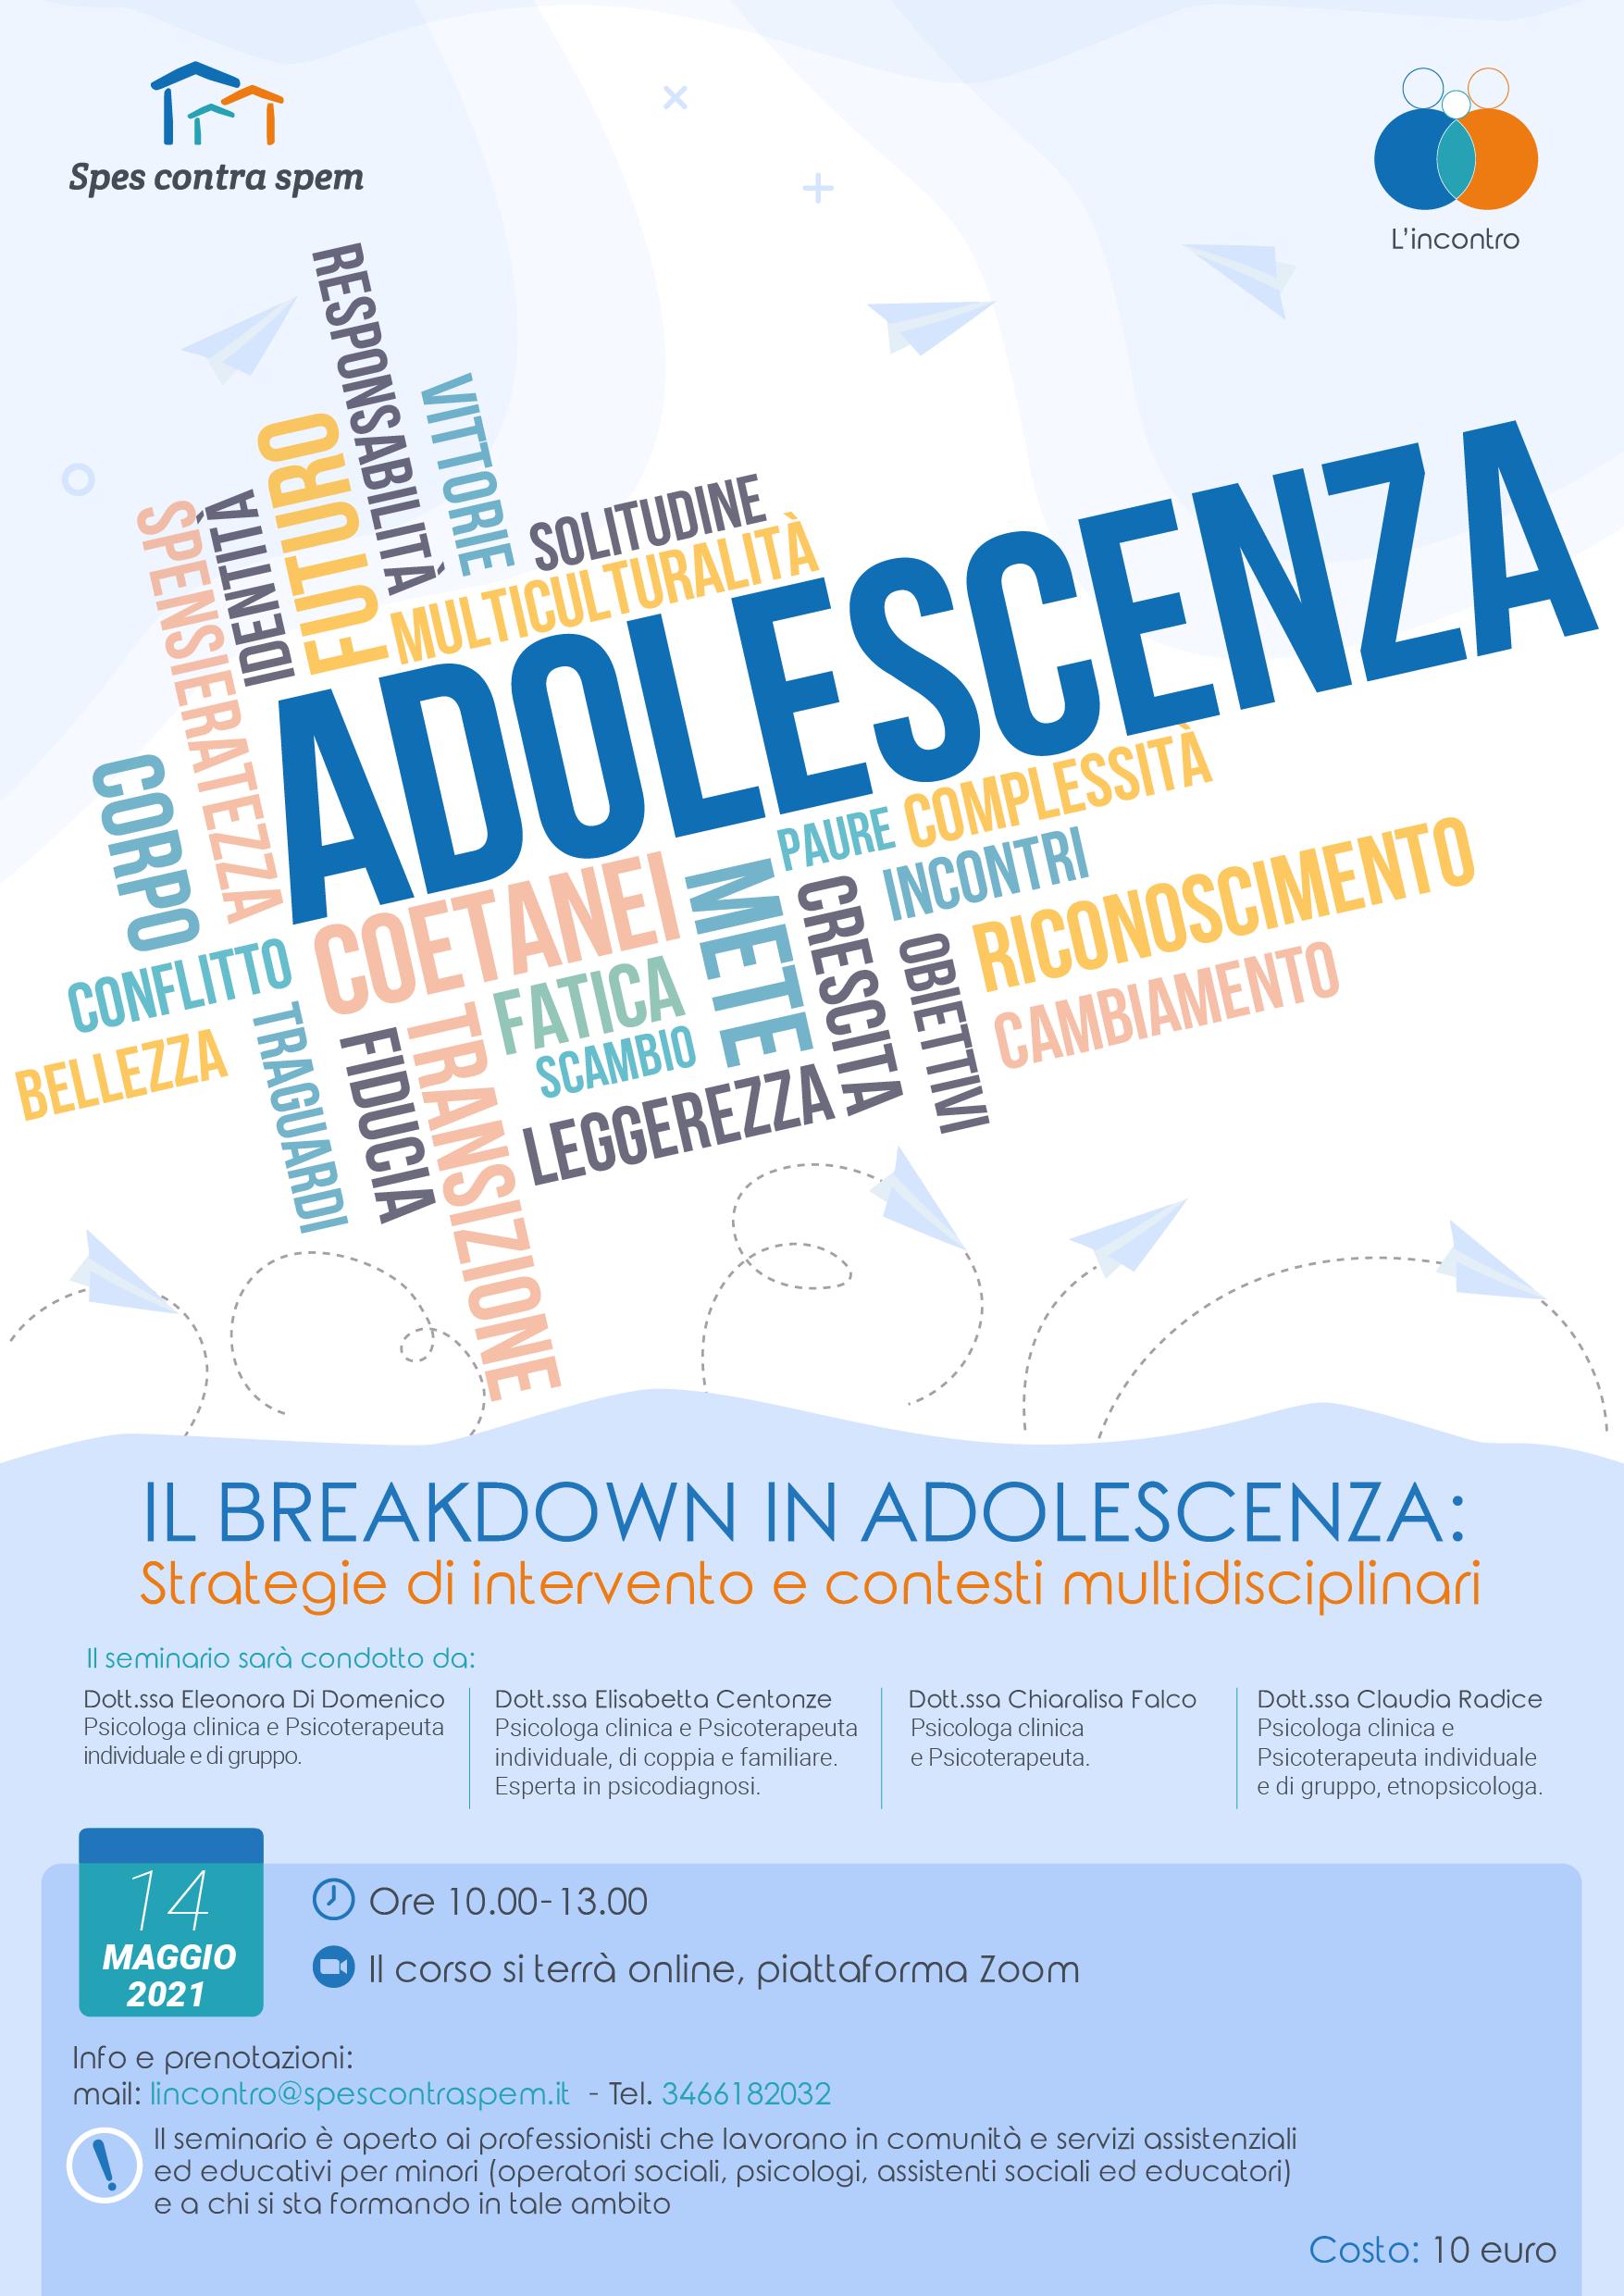 Spes contra spem - IL BREAKDOWN IN ADOLESCENZA_con costo